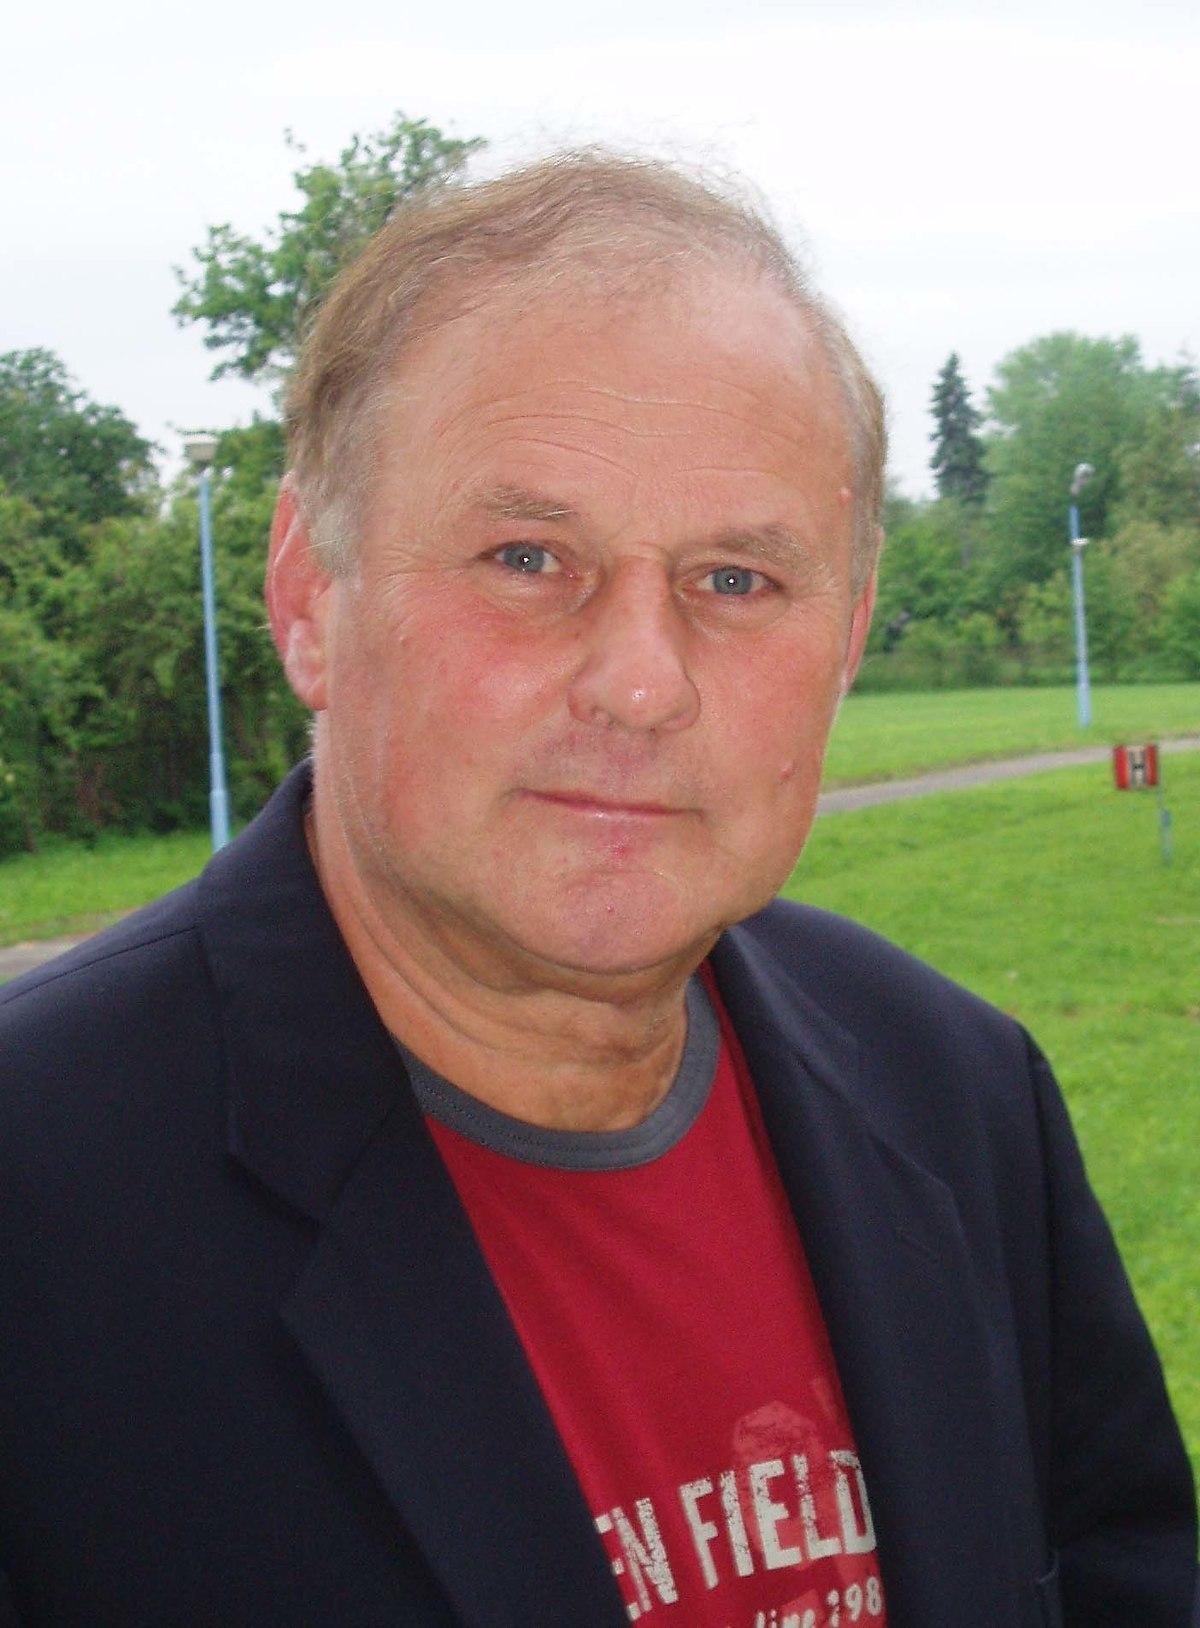 Z Cup Jan Tomaszewski - Wiki...